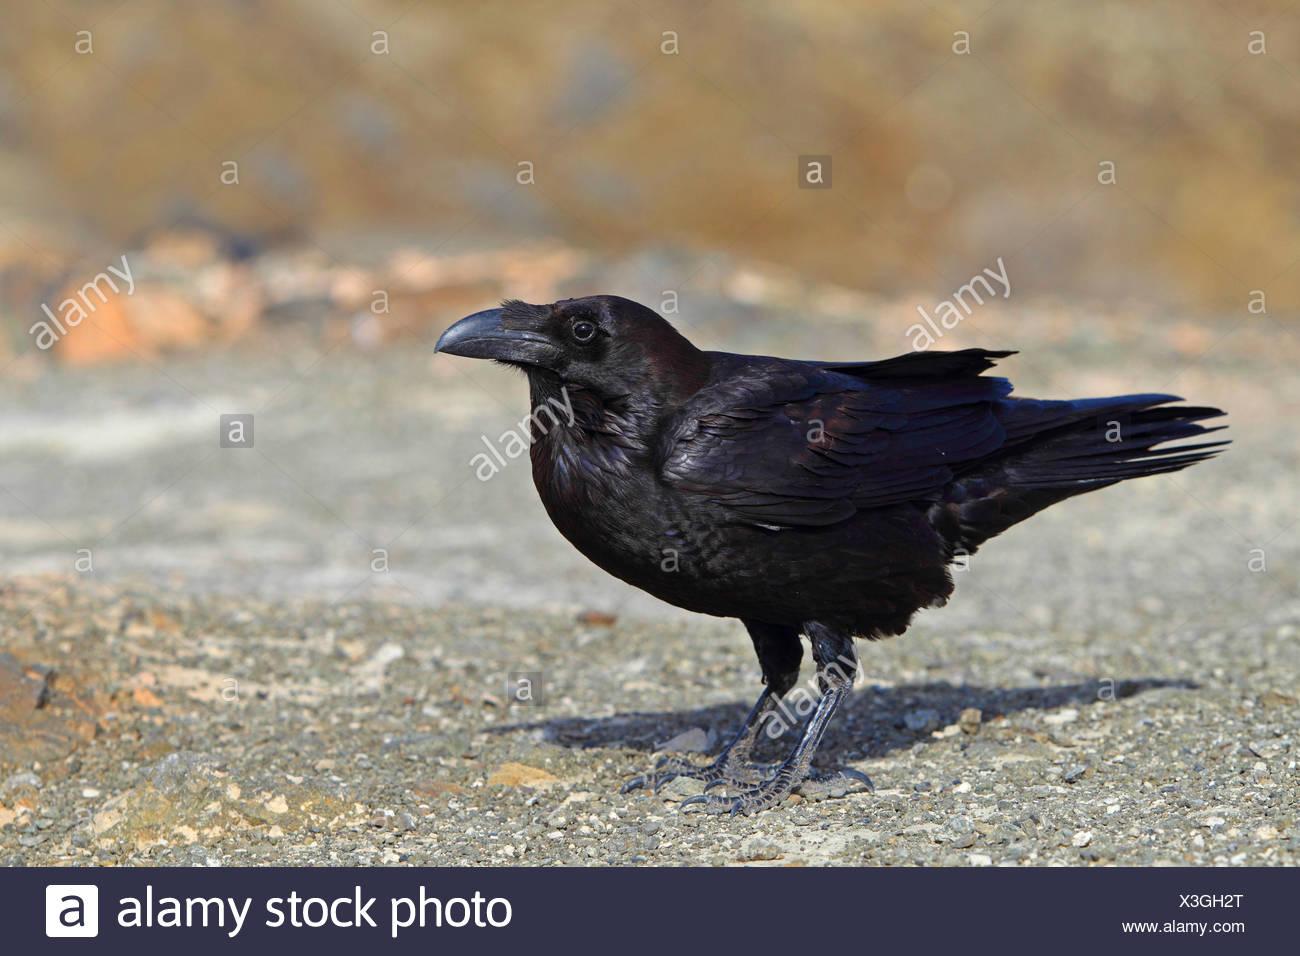 Kanarischen Inseln Raven, raven Kanarische Raven (Corvus Corax Tingitanus, Corvus Tingitanus), steht auf dem Boden, Kanarischen Inseln, Fuerteventura Stockbild